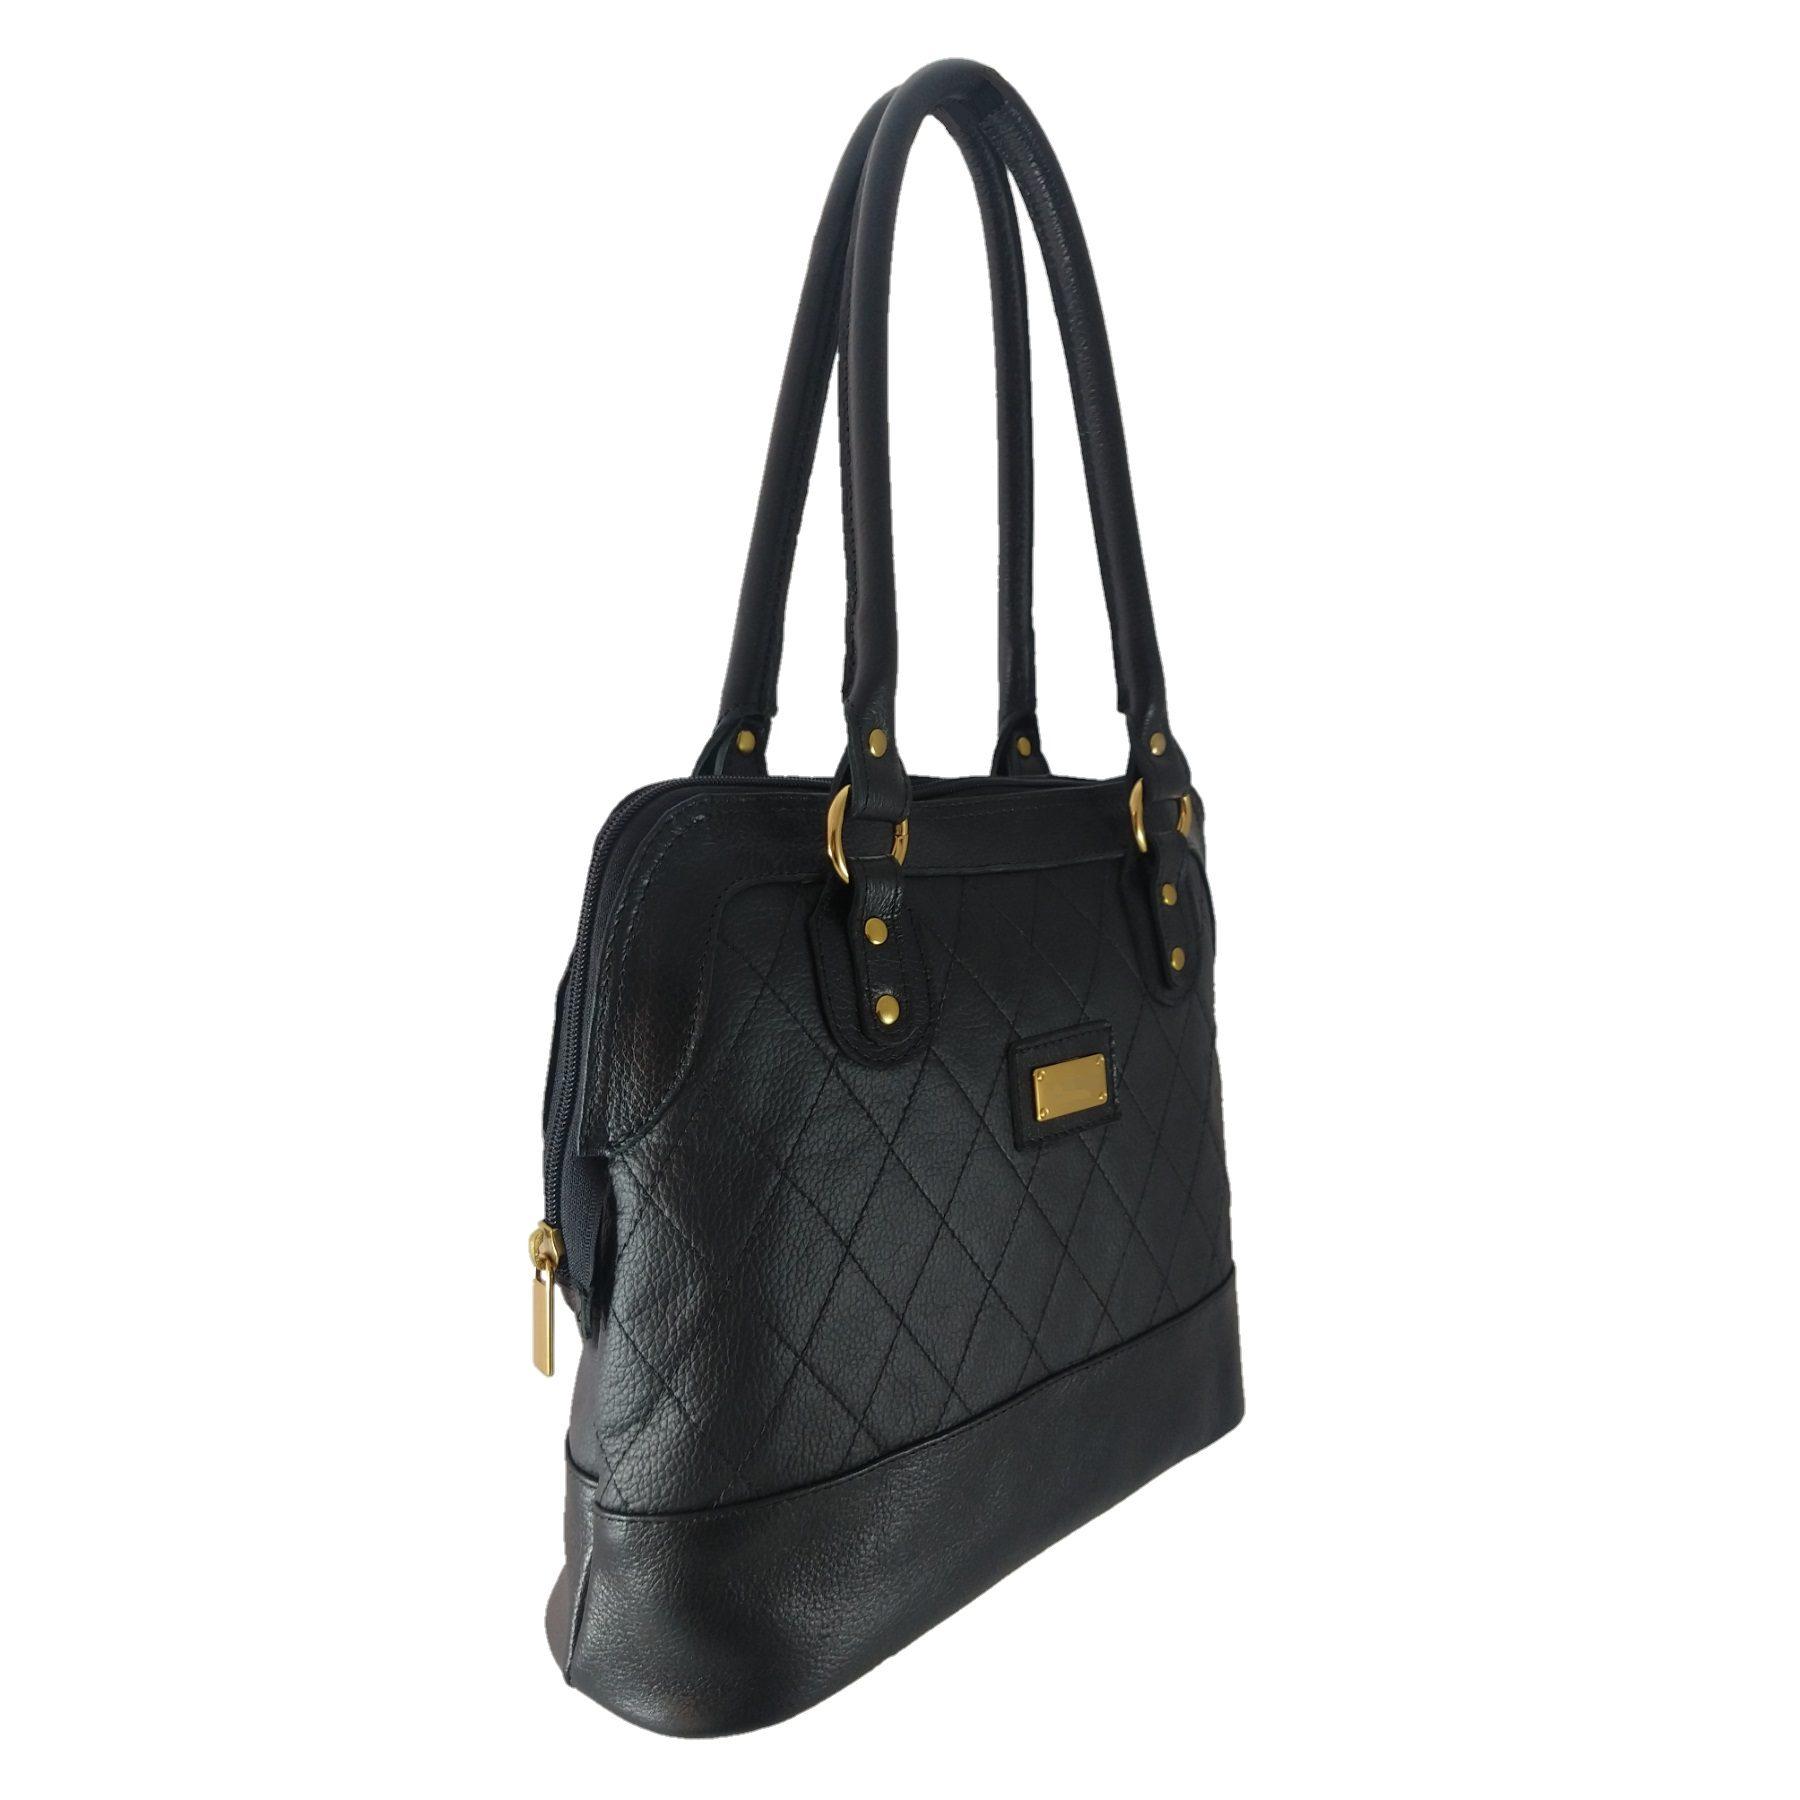 Bolsa Sacola TopGrife Shopper Couro Preto  - SAPATOWEB.COM